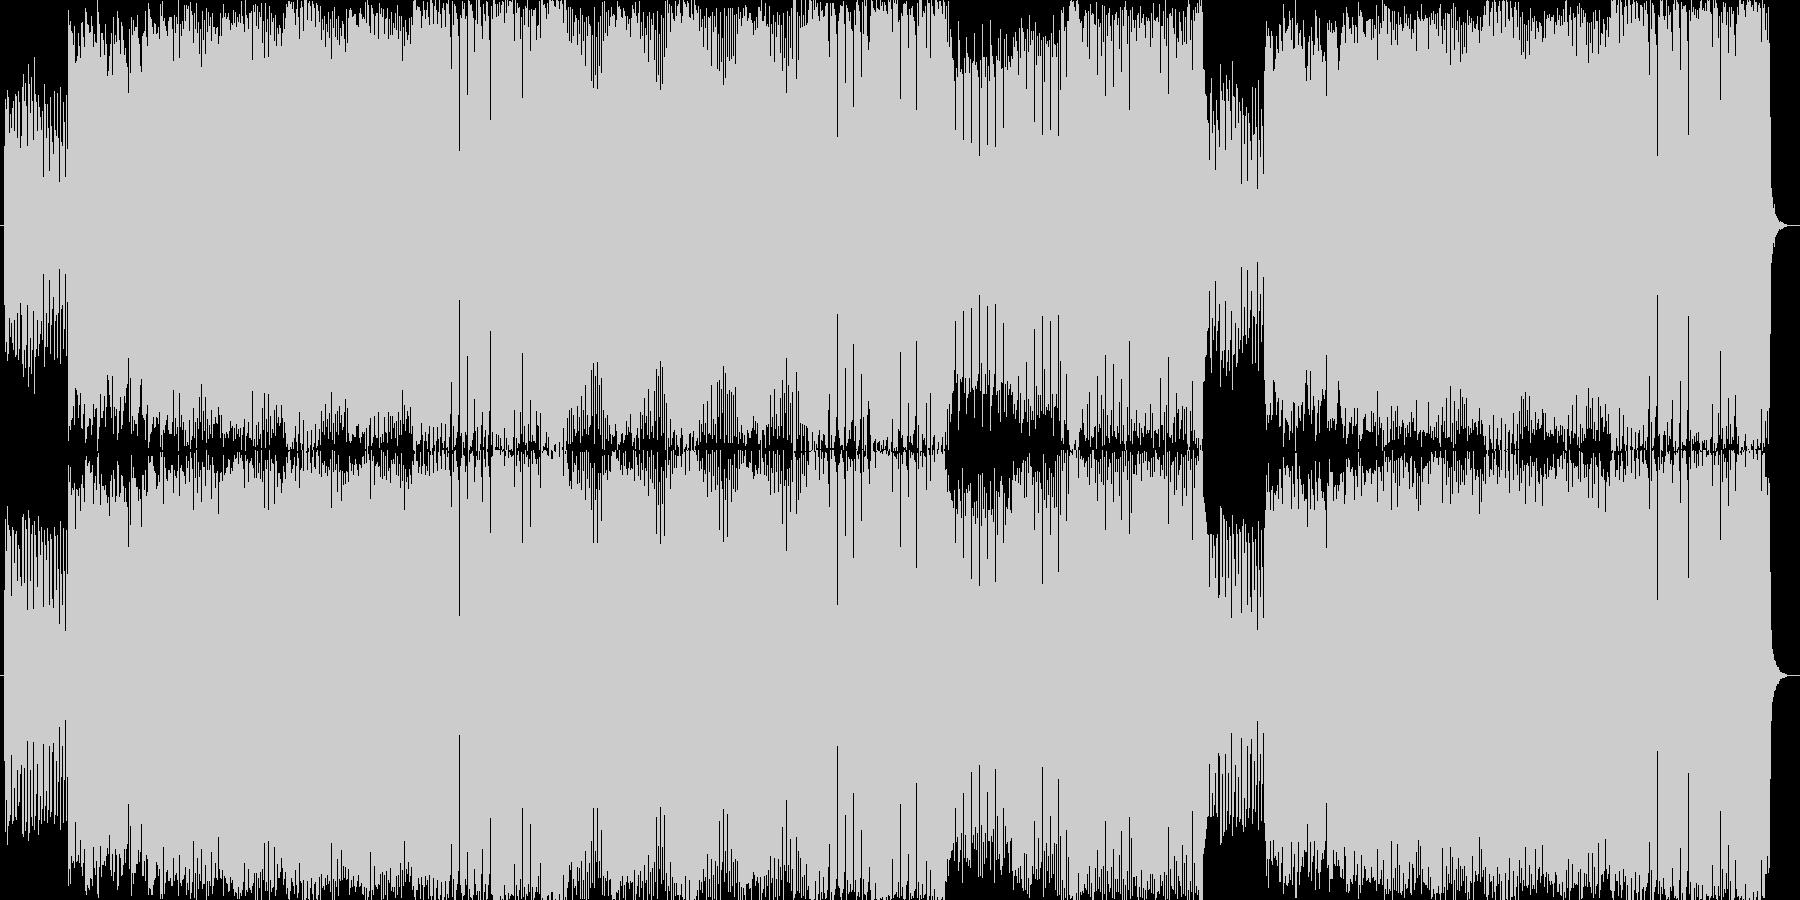 あわてんぼう、急ぐアップテンポBGMの未再生の波形